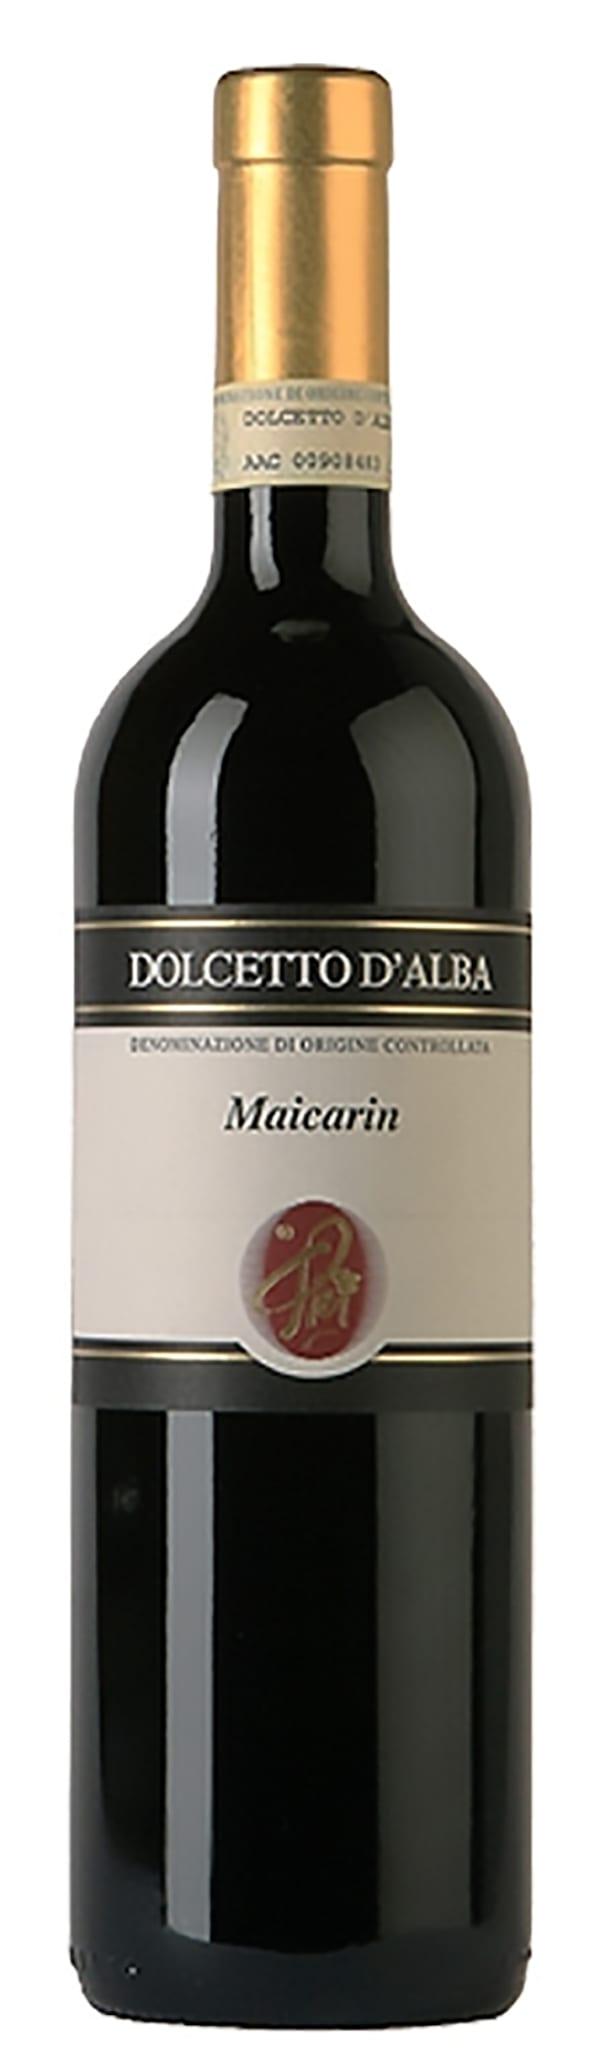 Pier Maicarin Dolcetto d'Alba 2015